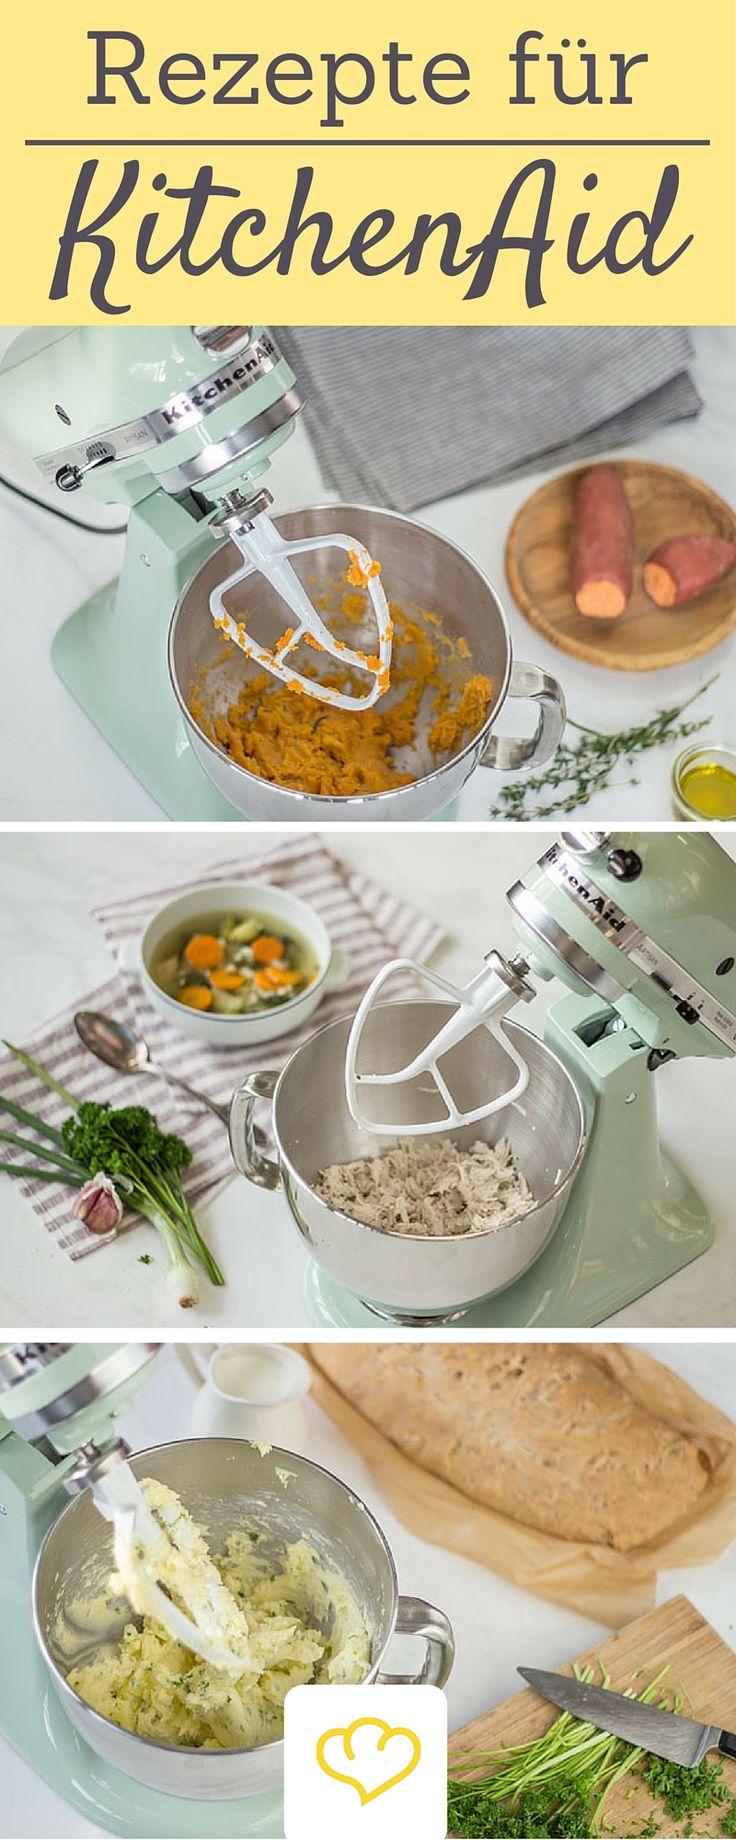 Die KitchenAid ist ein echter Alleskönner! Diese Rezepte müsst ihr unbedingt probieren!